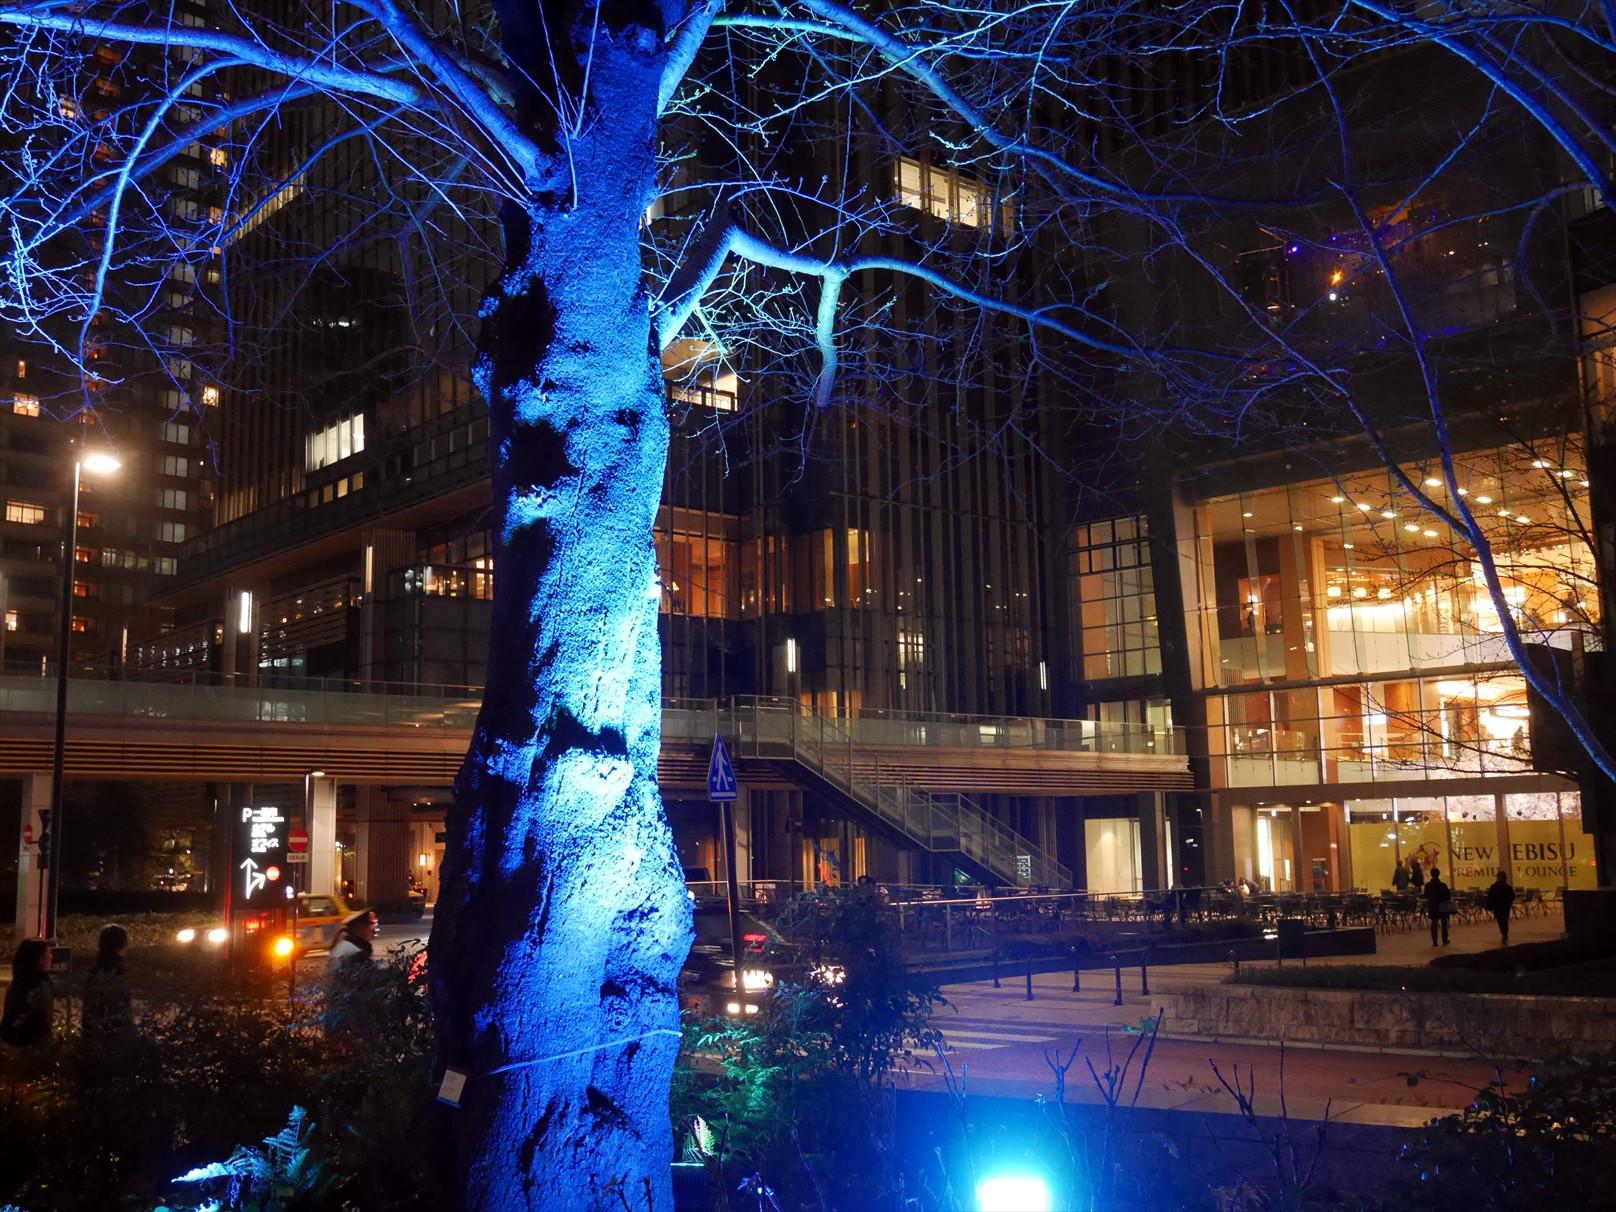 ミッドナイトでライトアップした木